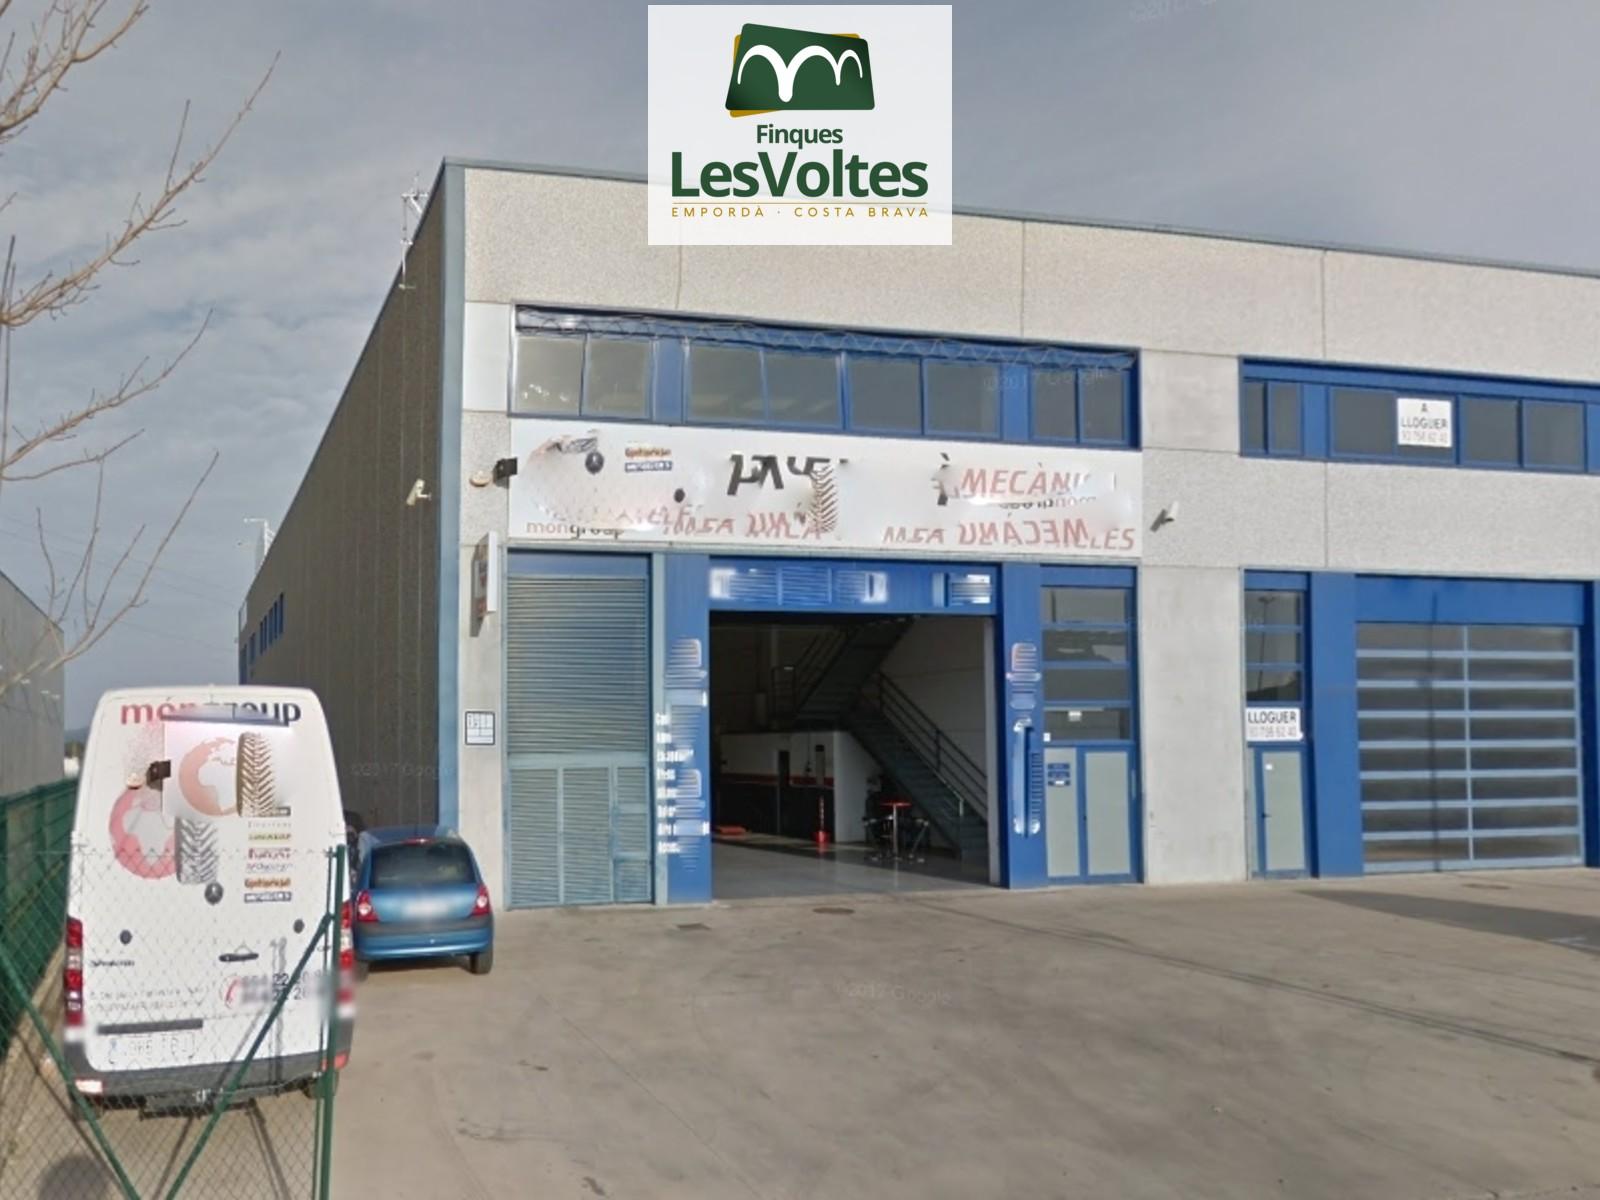 Nau industrial cantonera en venda a Palafrugell. Ubicació privilegiada.